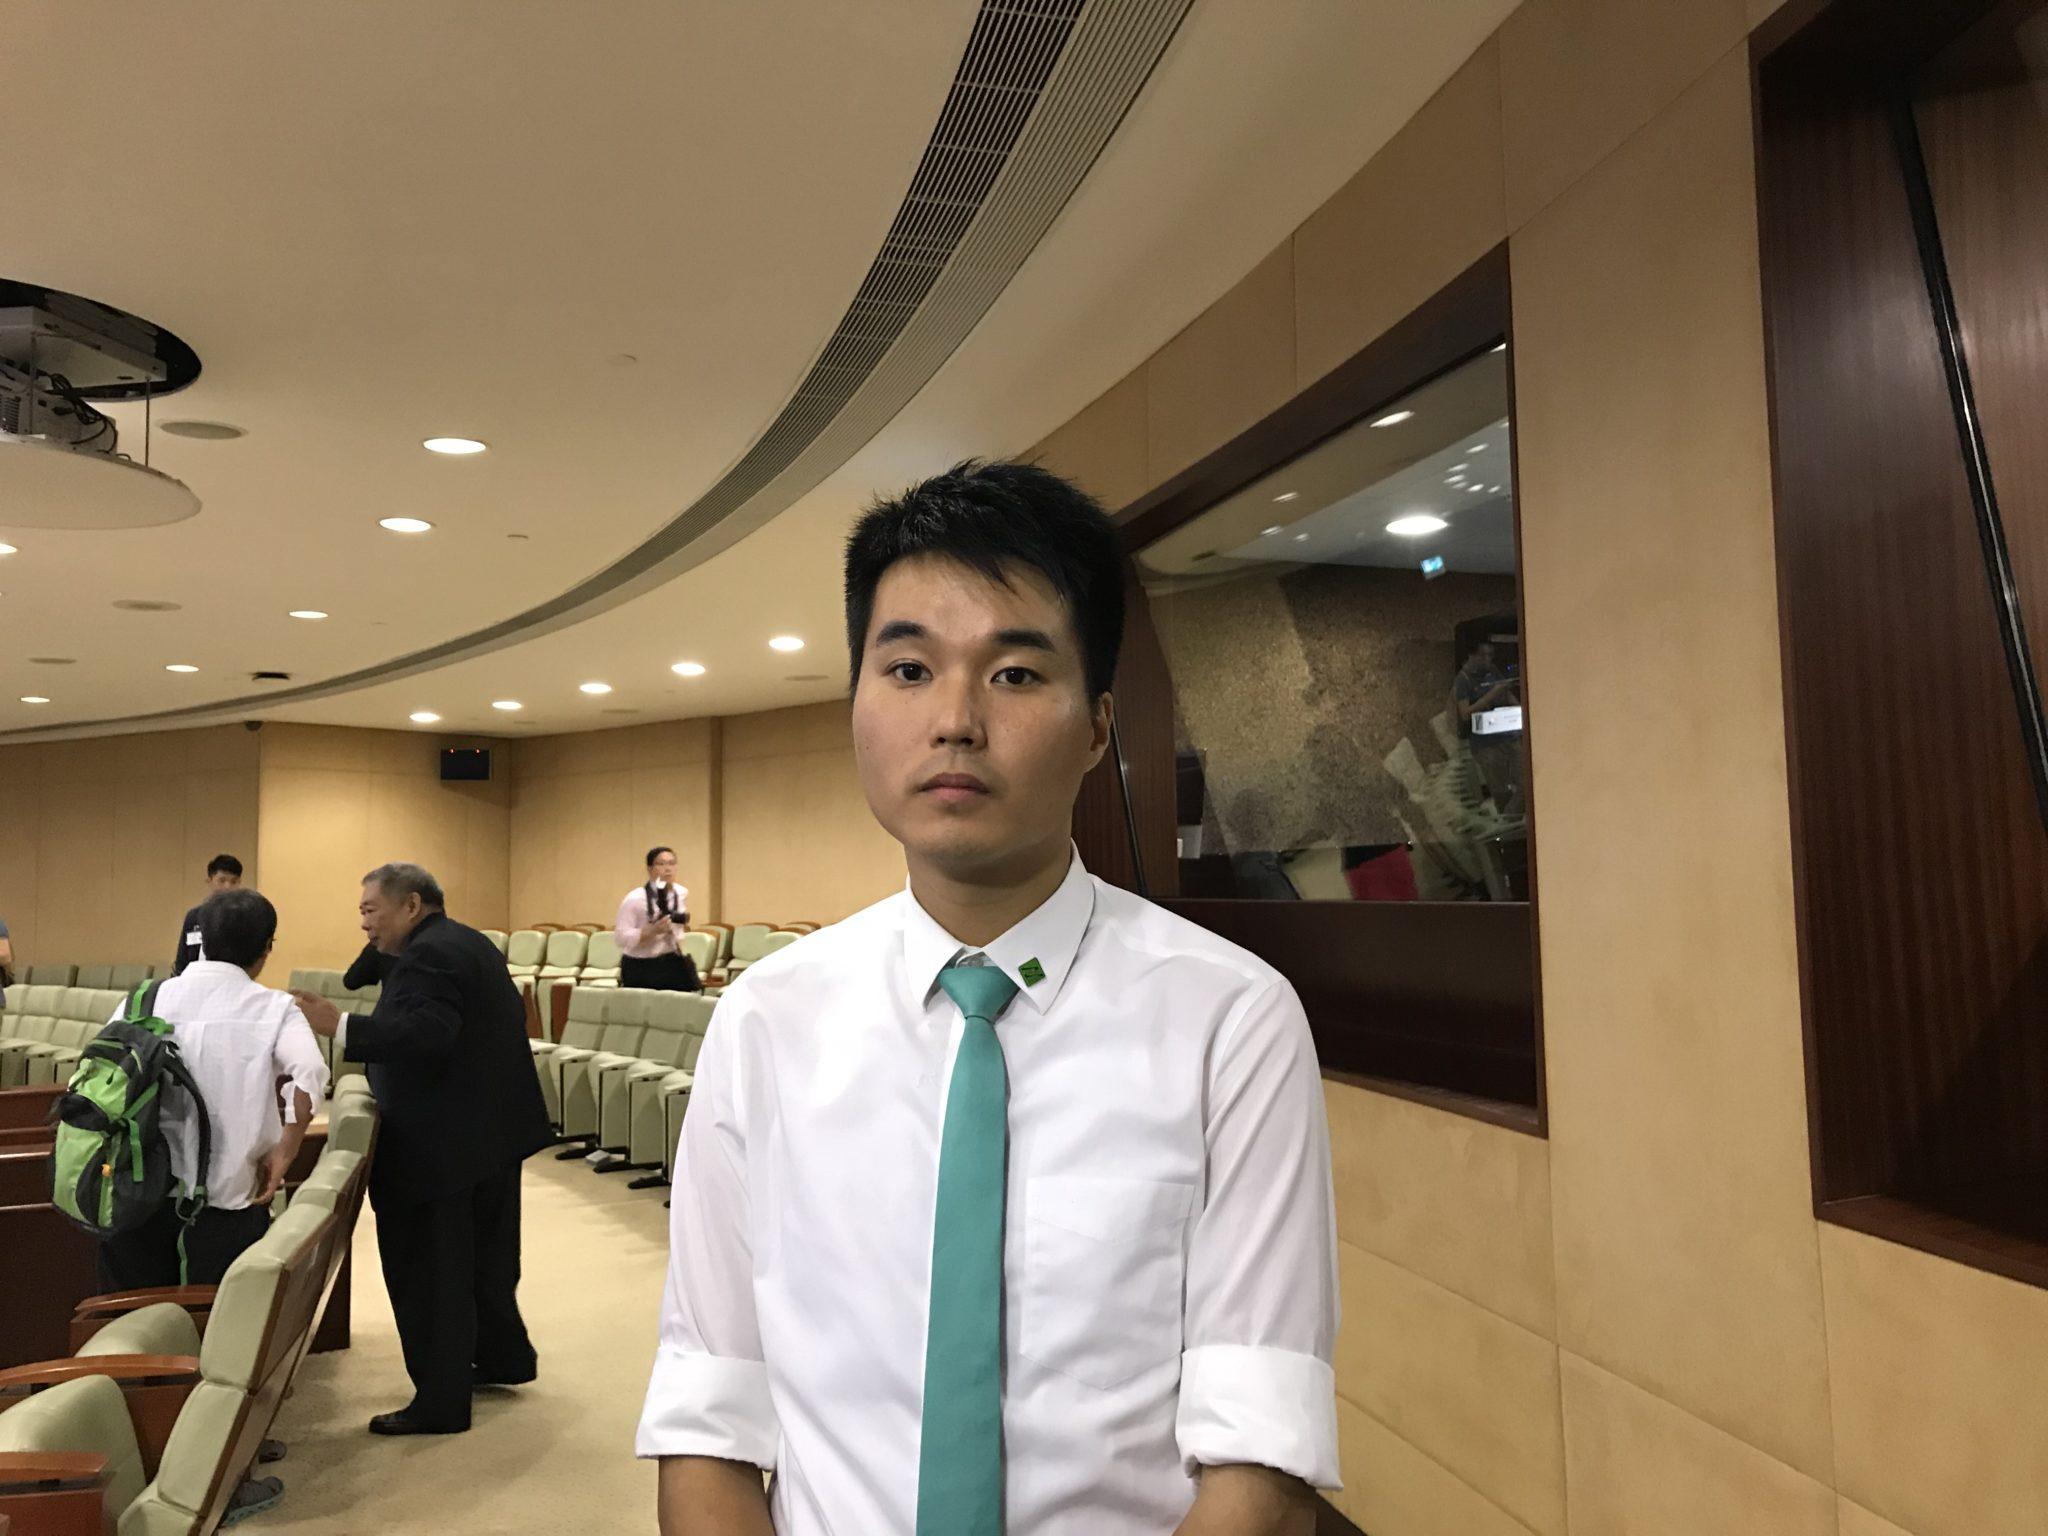 Deputado Sulu Sou pede suspensão do processo legislativo sobre escutas